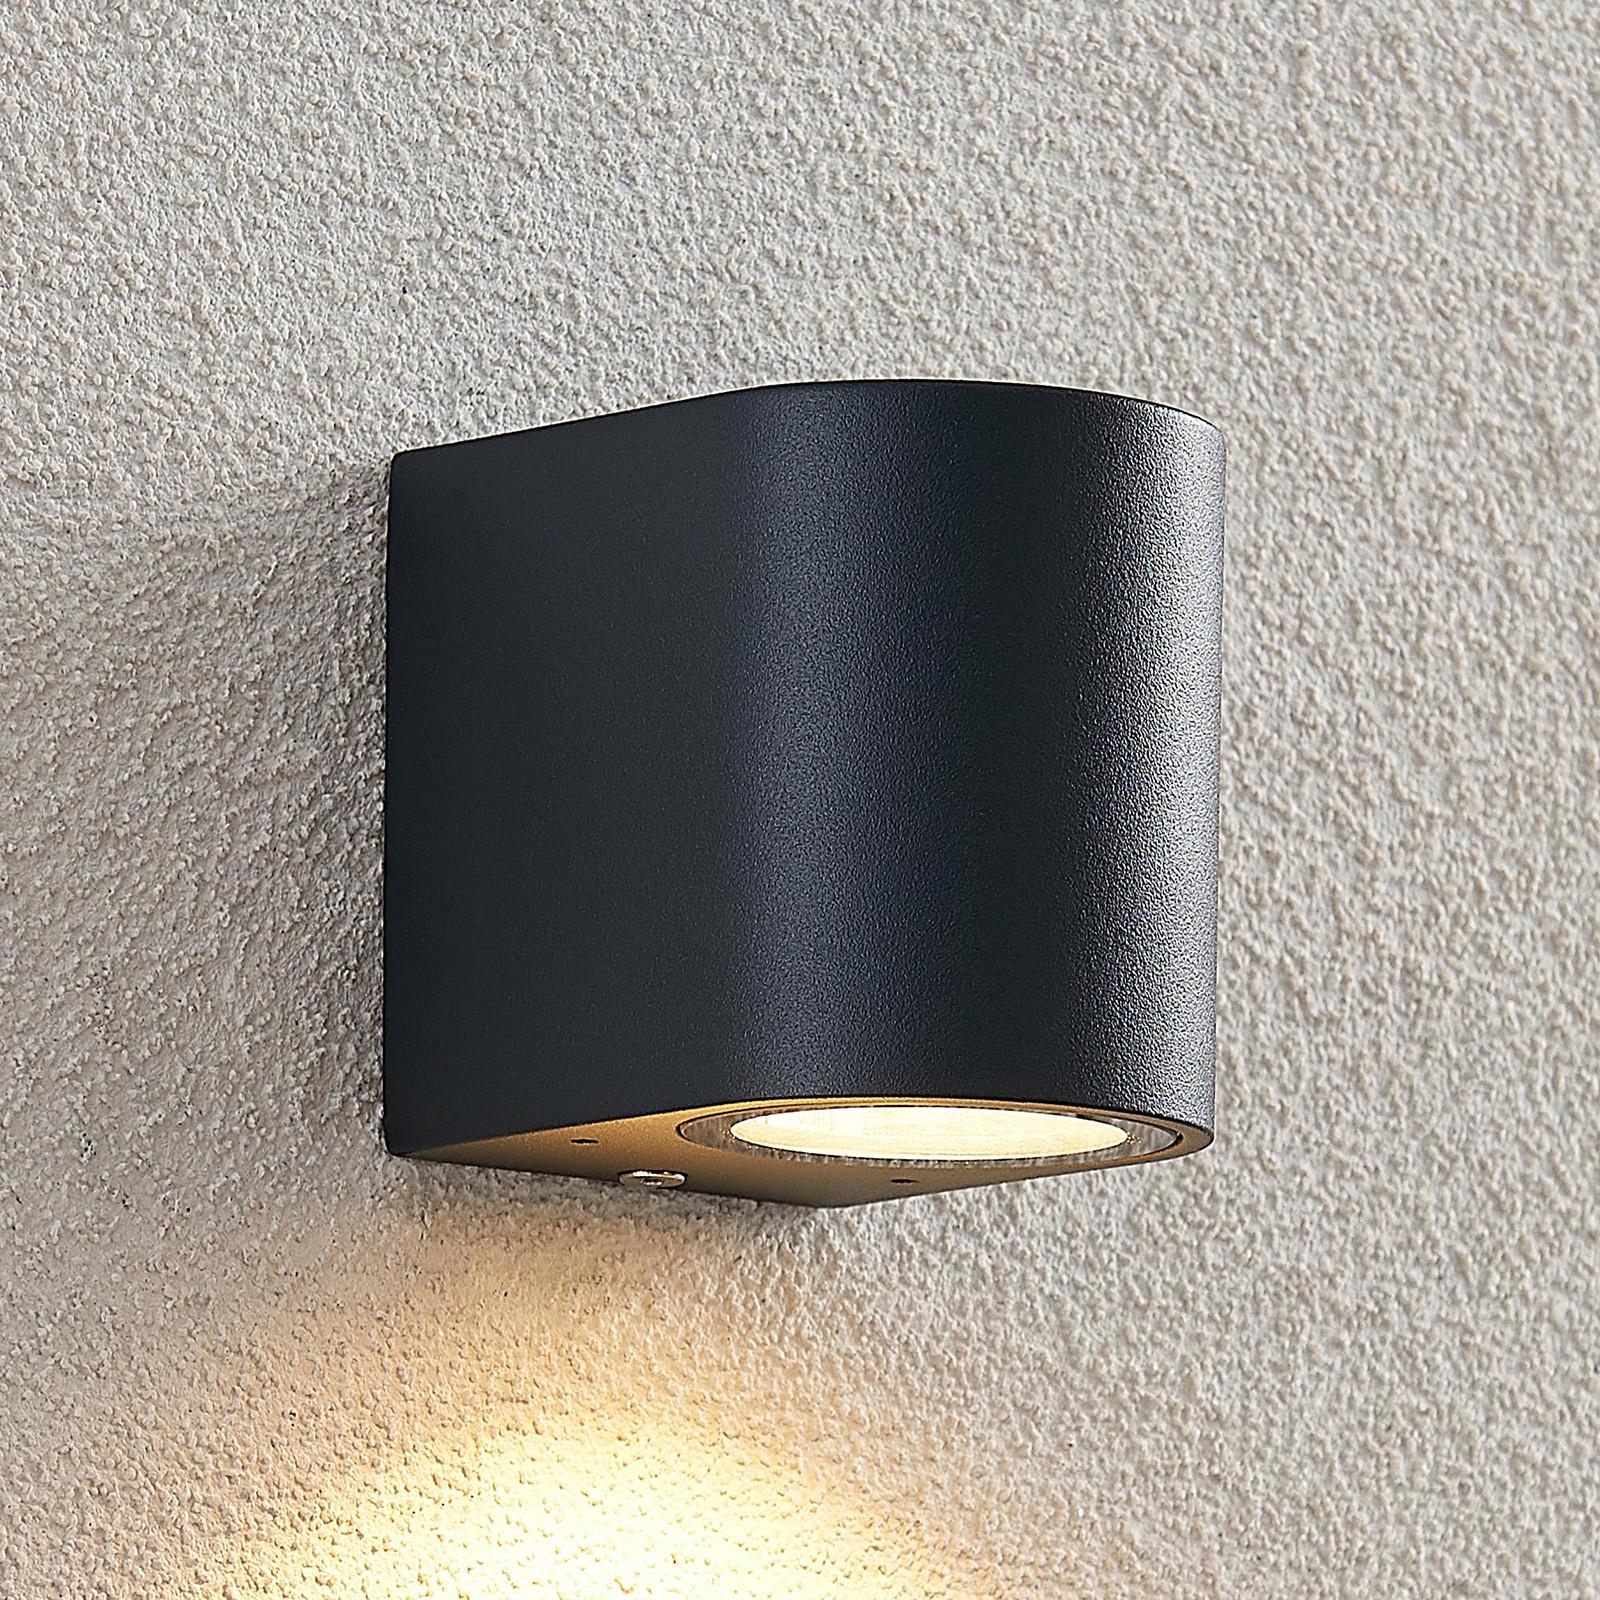 ELC Fijona utendørs LED-vegglampe rund, 8,1 cm